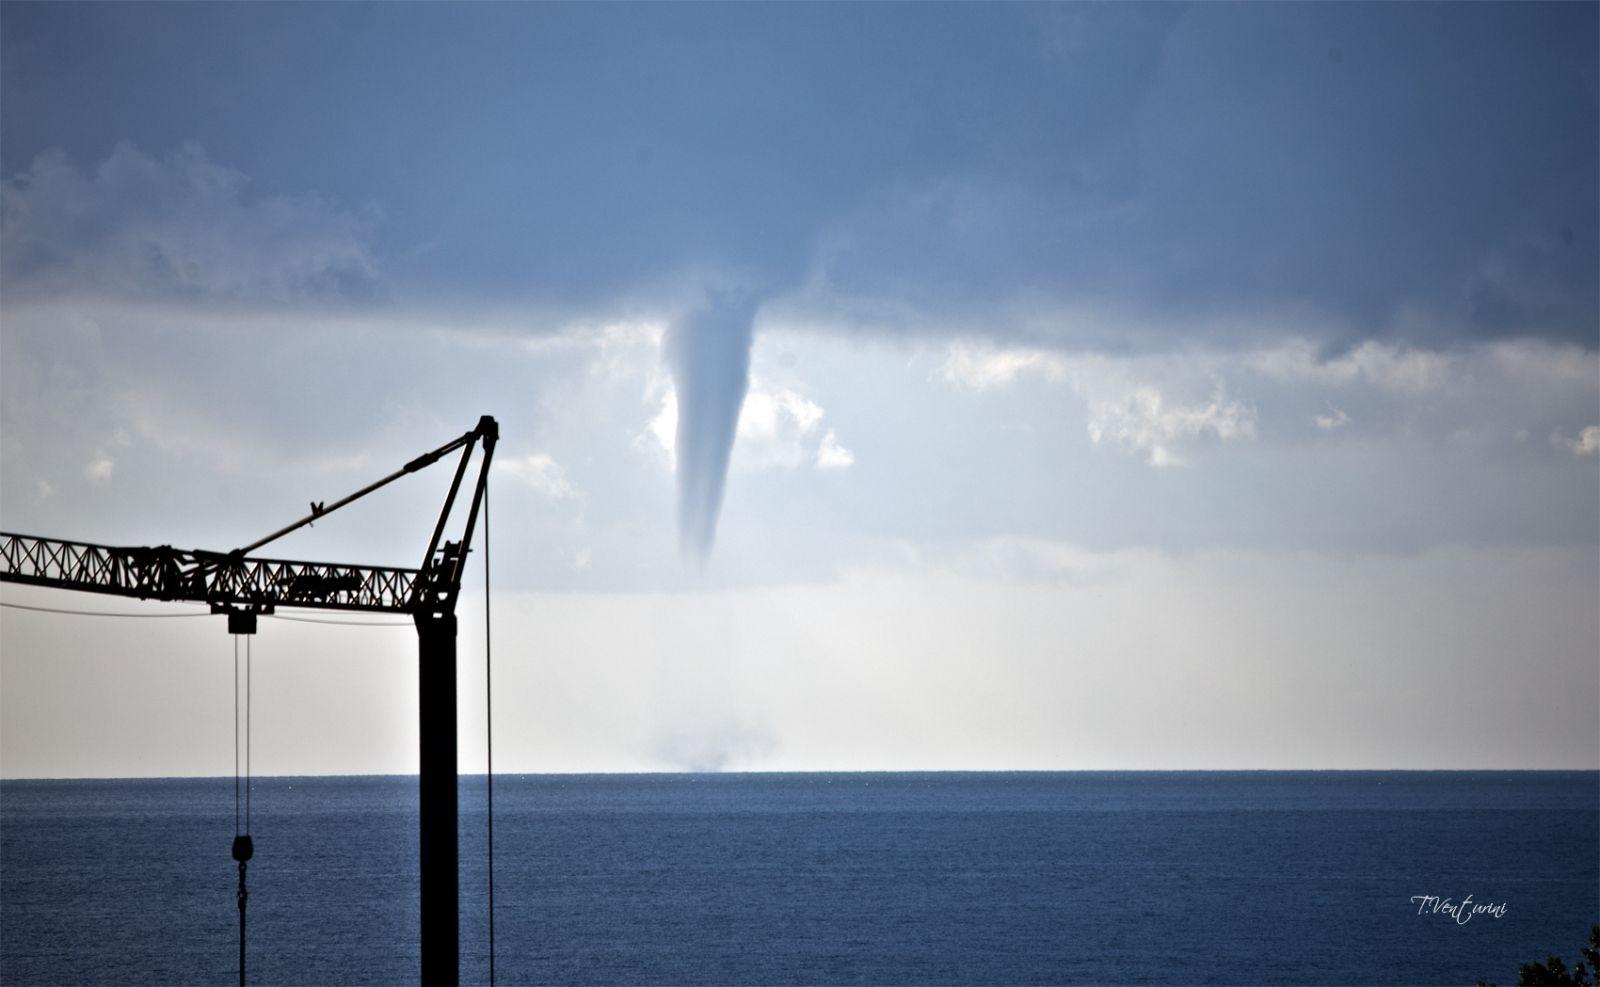 Image d'illustration pour Trombe marine en Corse - fréquents tubas sur la France